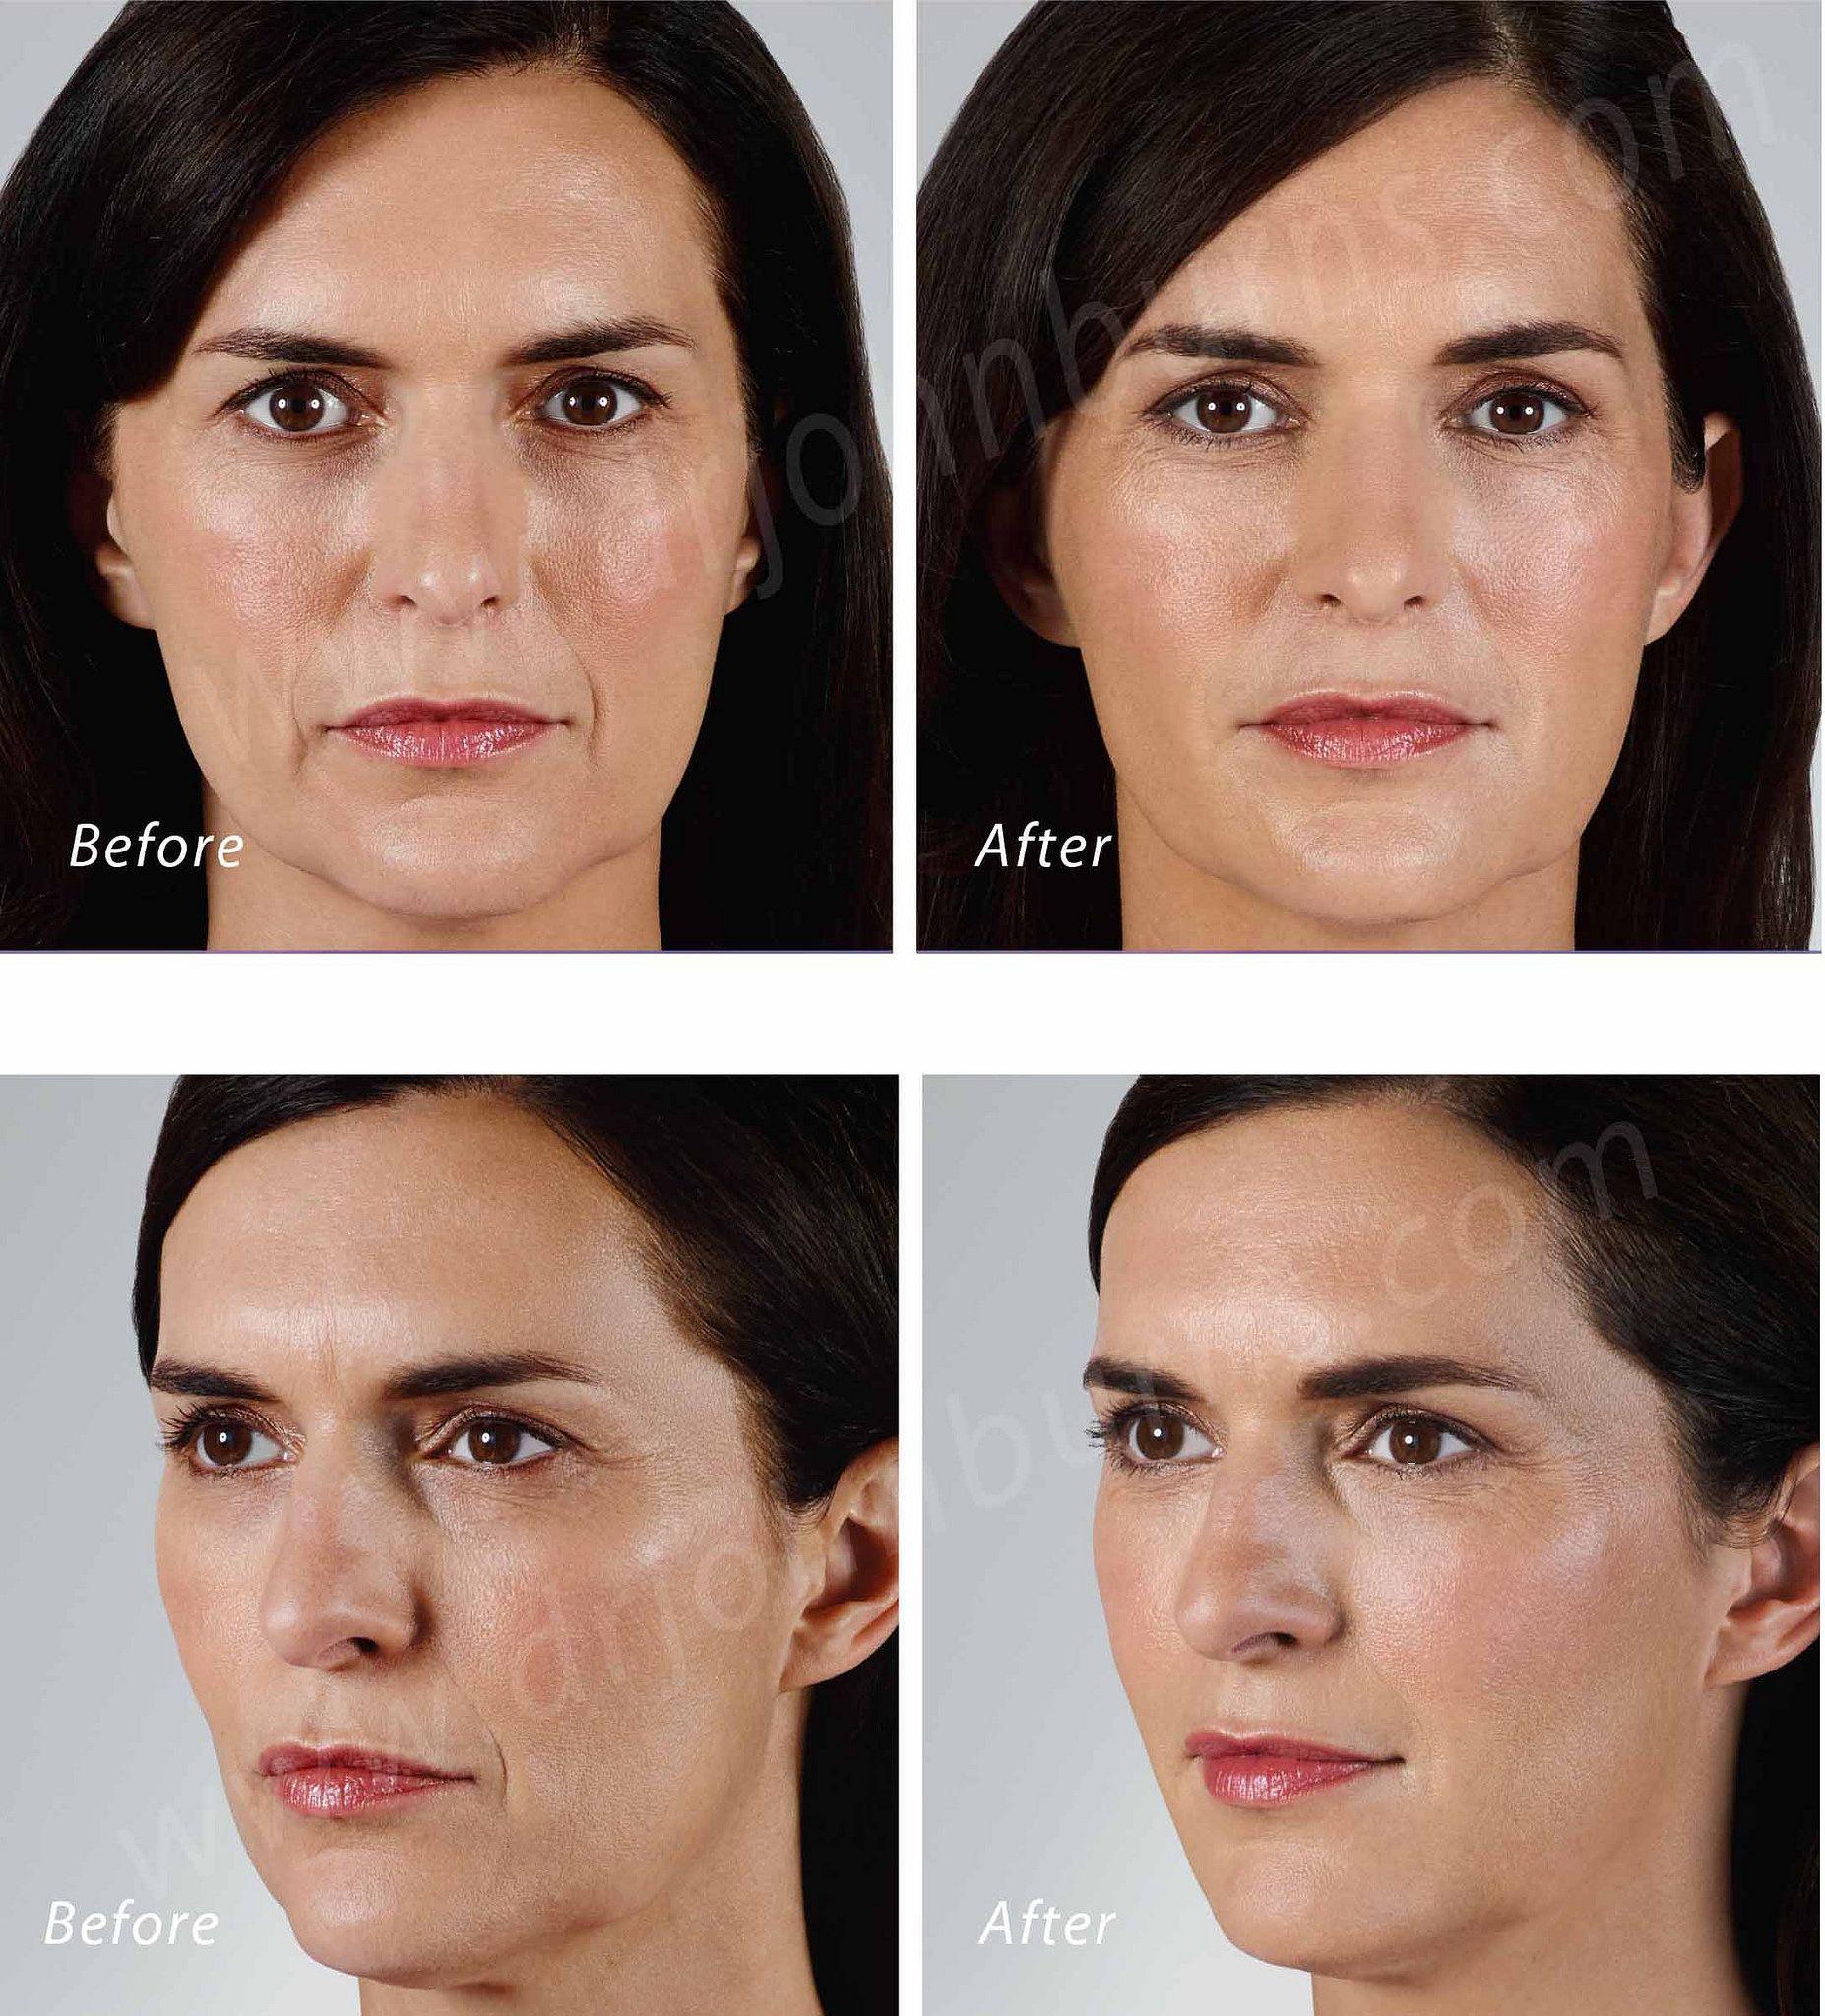 Vollure Facial Filler